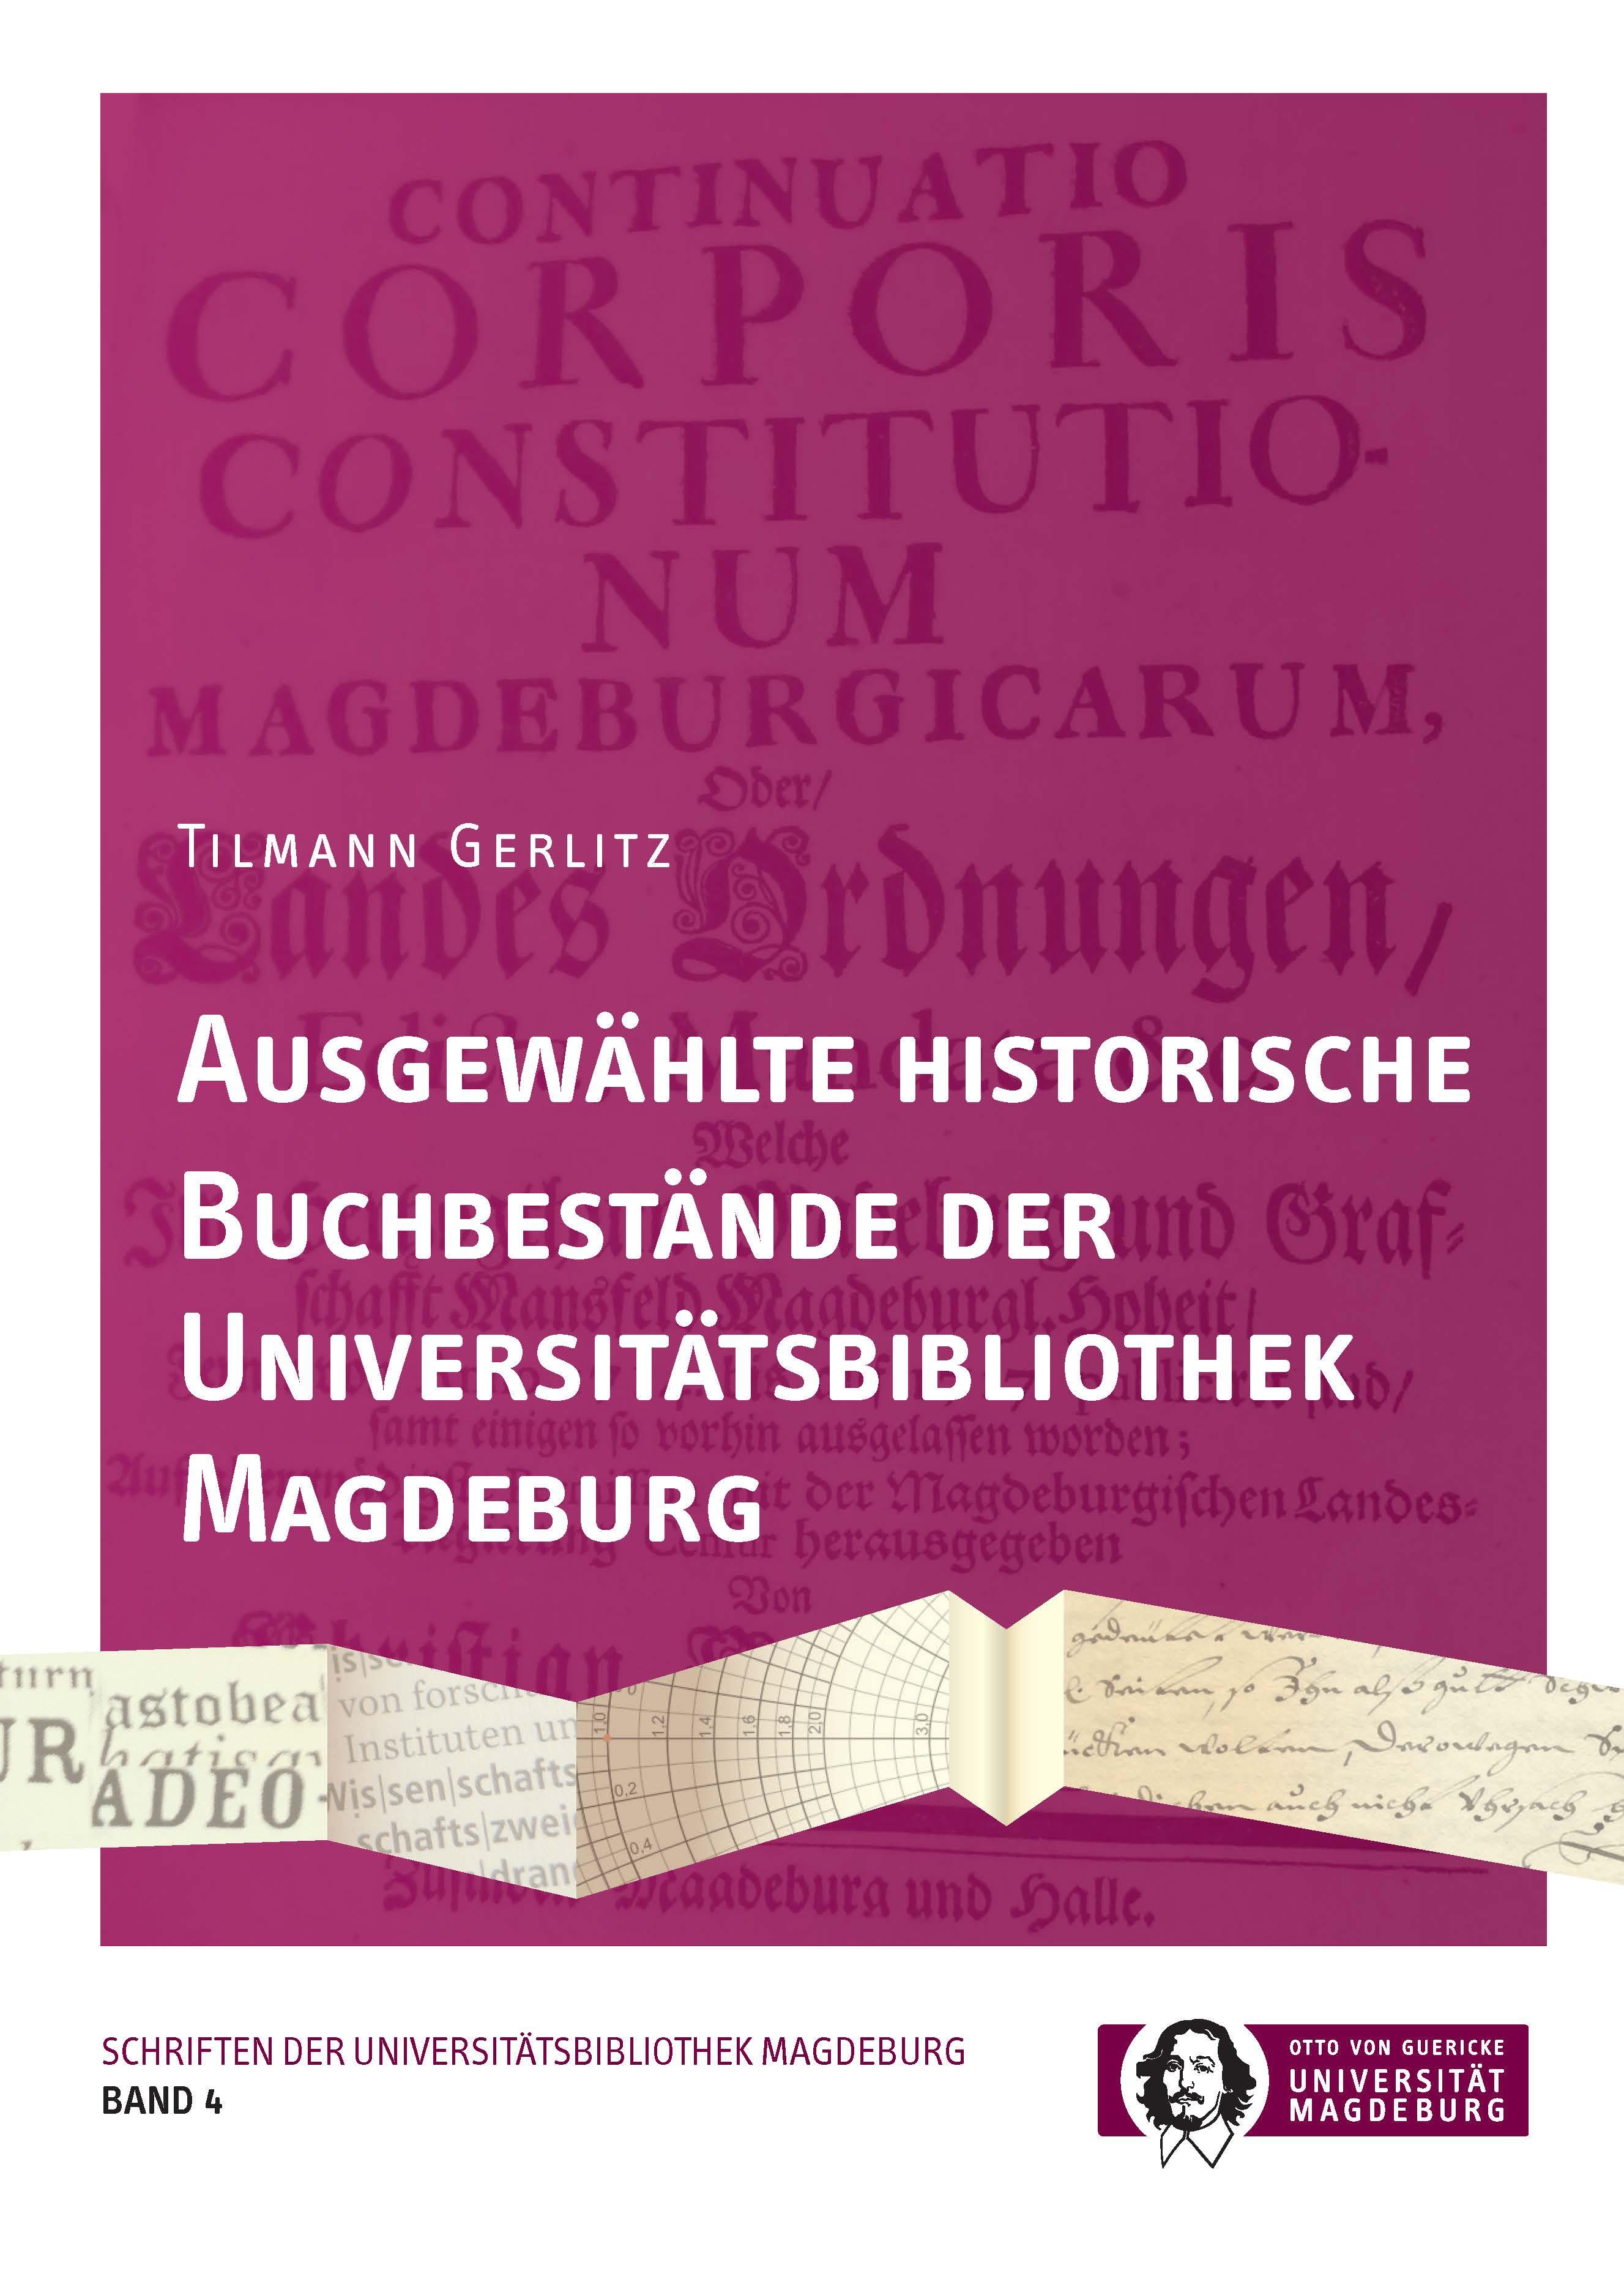 Ansehen Bd. 4 (2018): Tilmann Gerlitz: Ausgewählte historische Buchbestände der Universitätsbibliothek Magdeburg